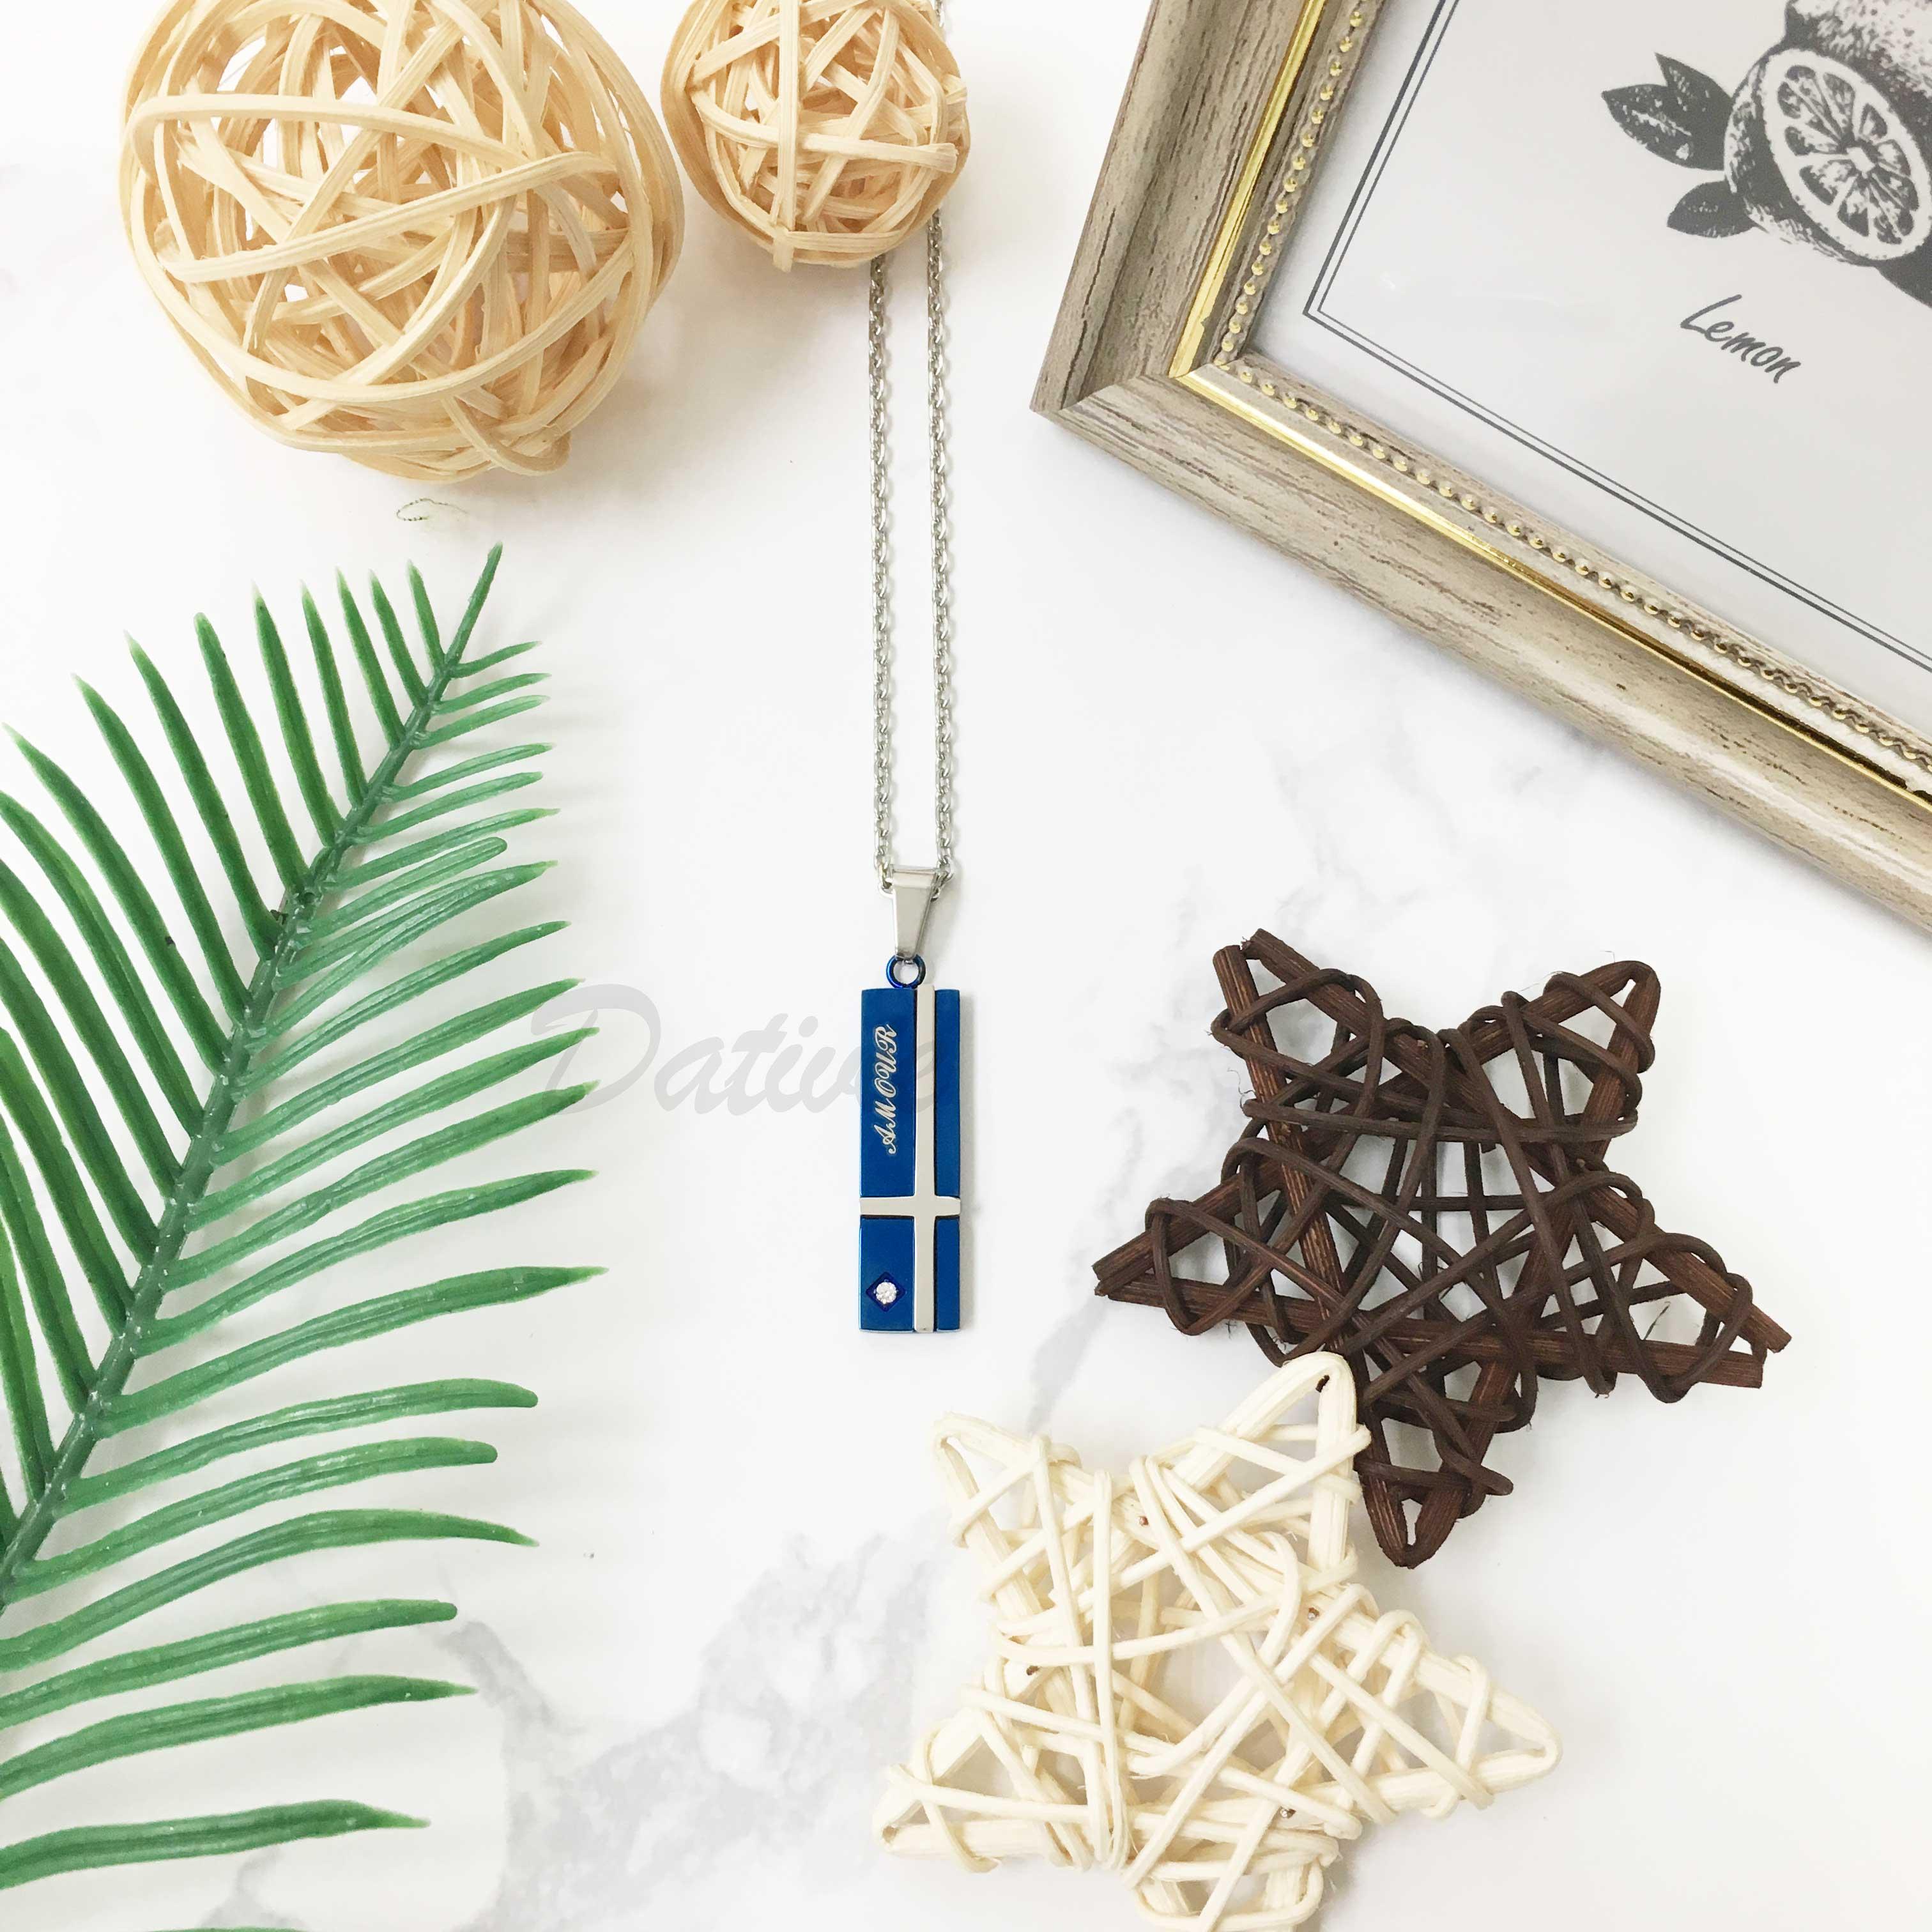 不鏽鋼 雙色 藍底銀色十字架 刻字(愛) 鑲單鑽 項鍊